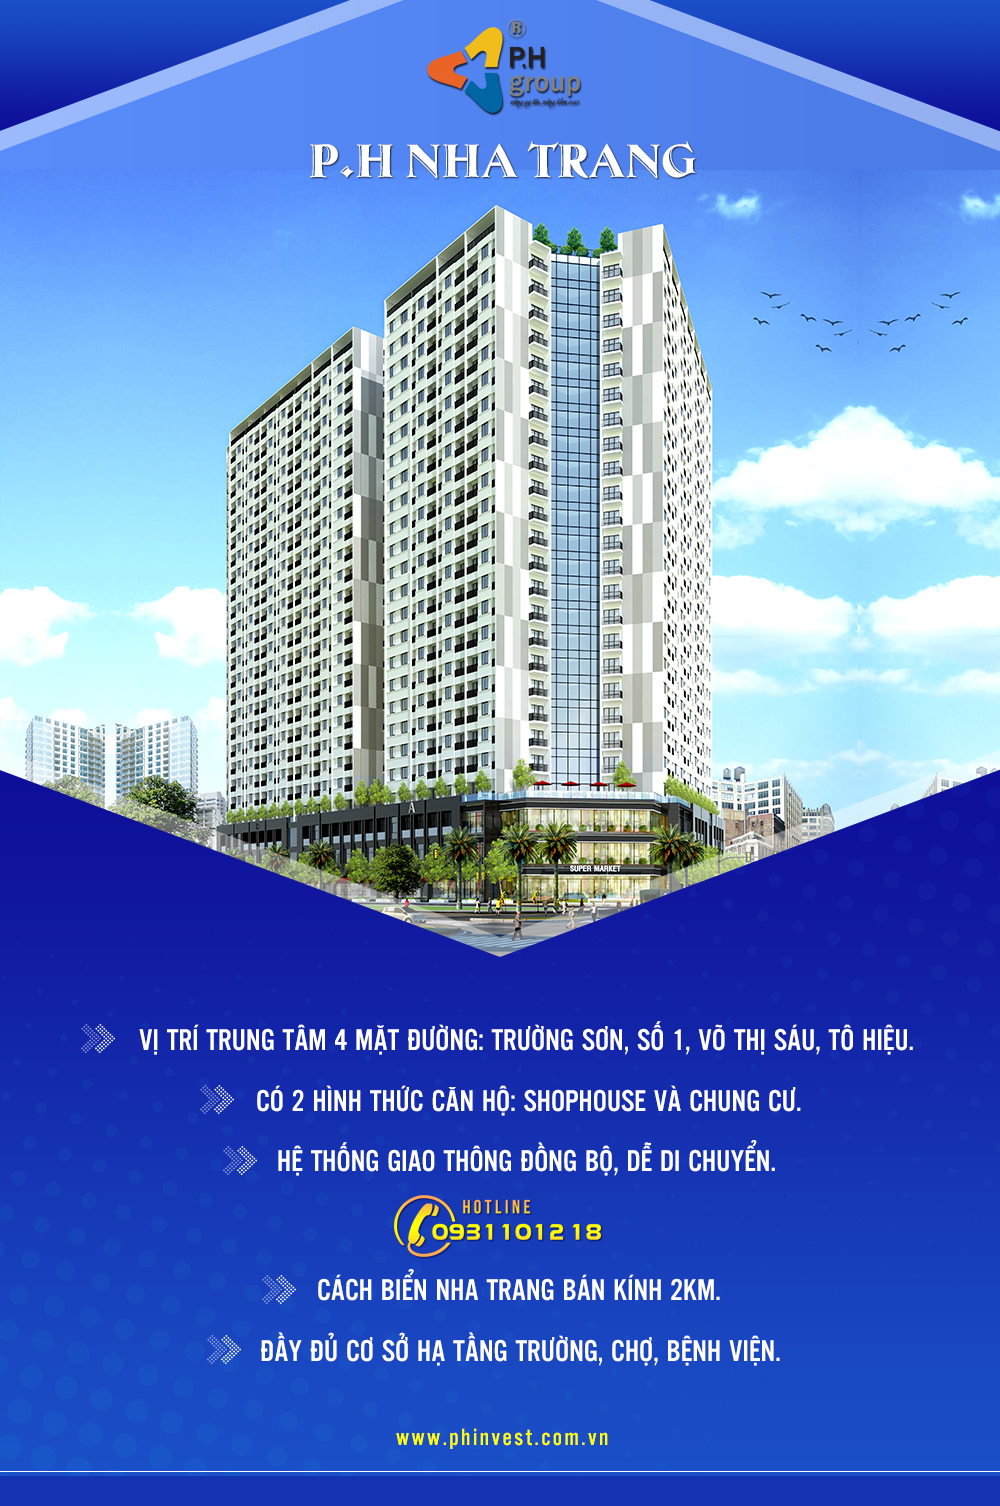 Căn hộ của dự án P.H Nha Trang